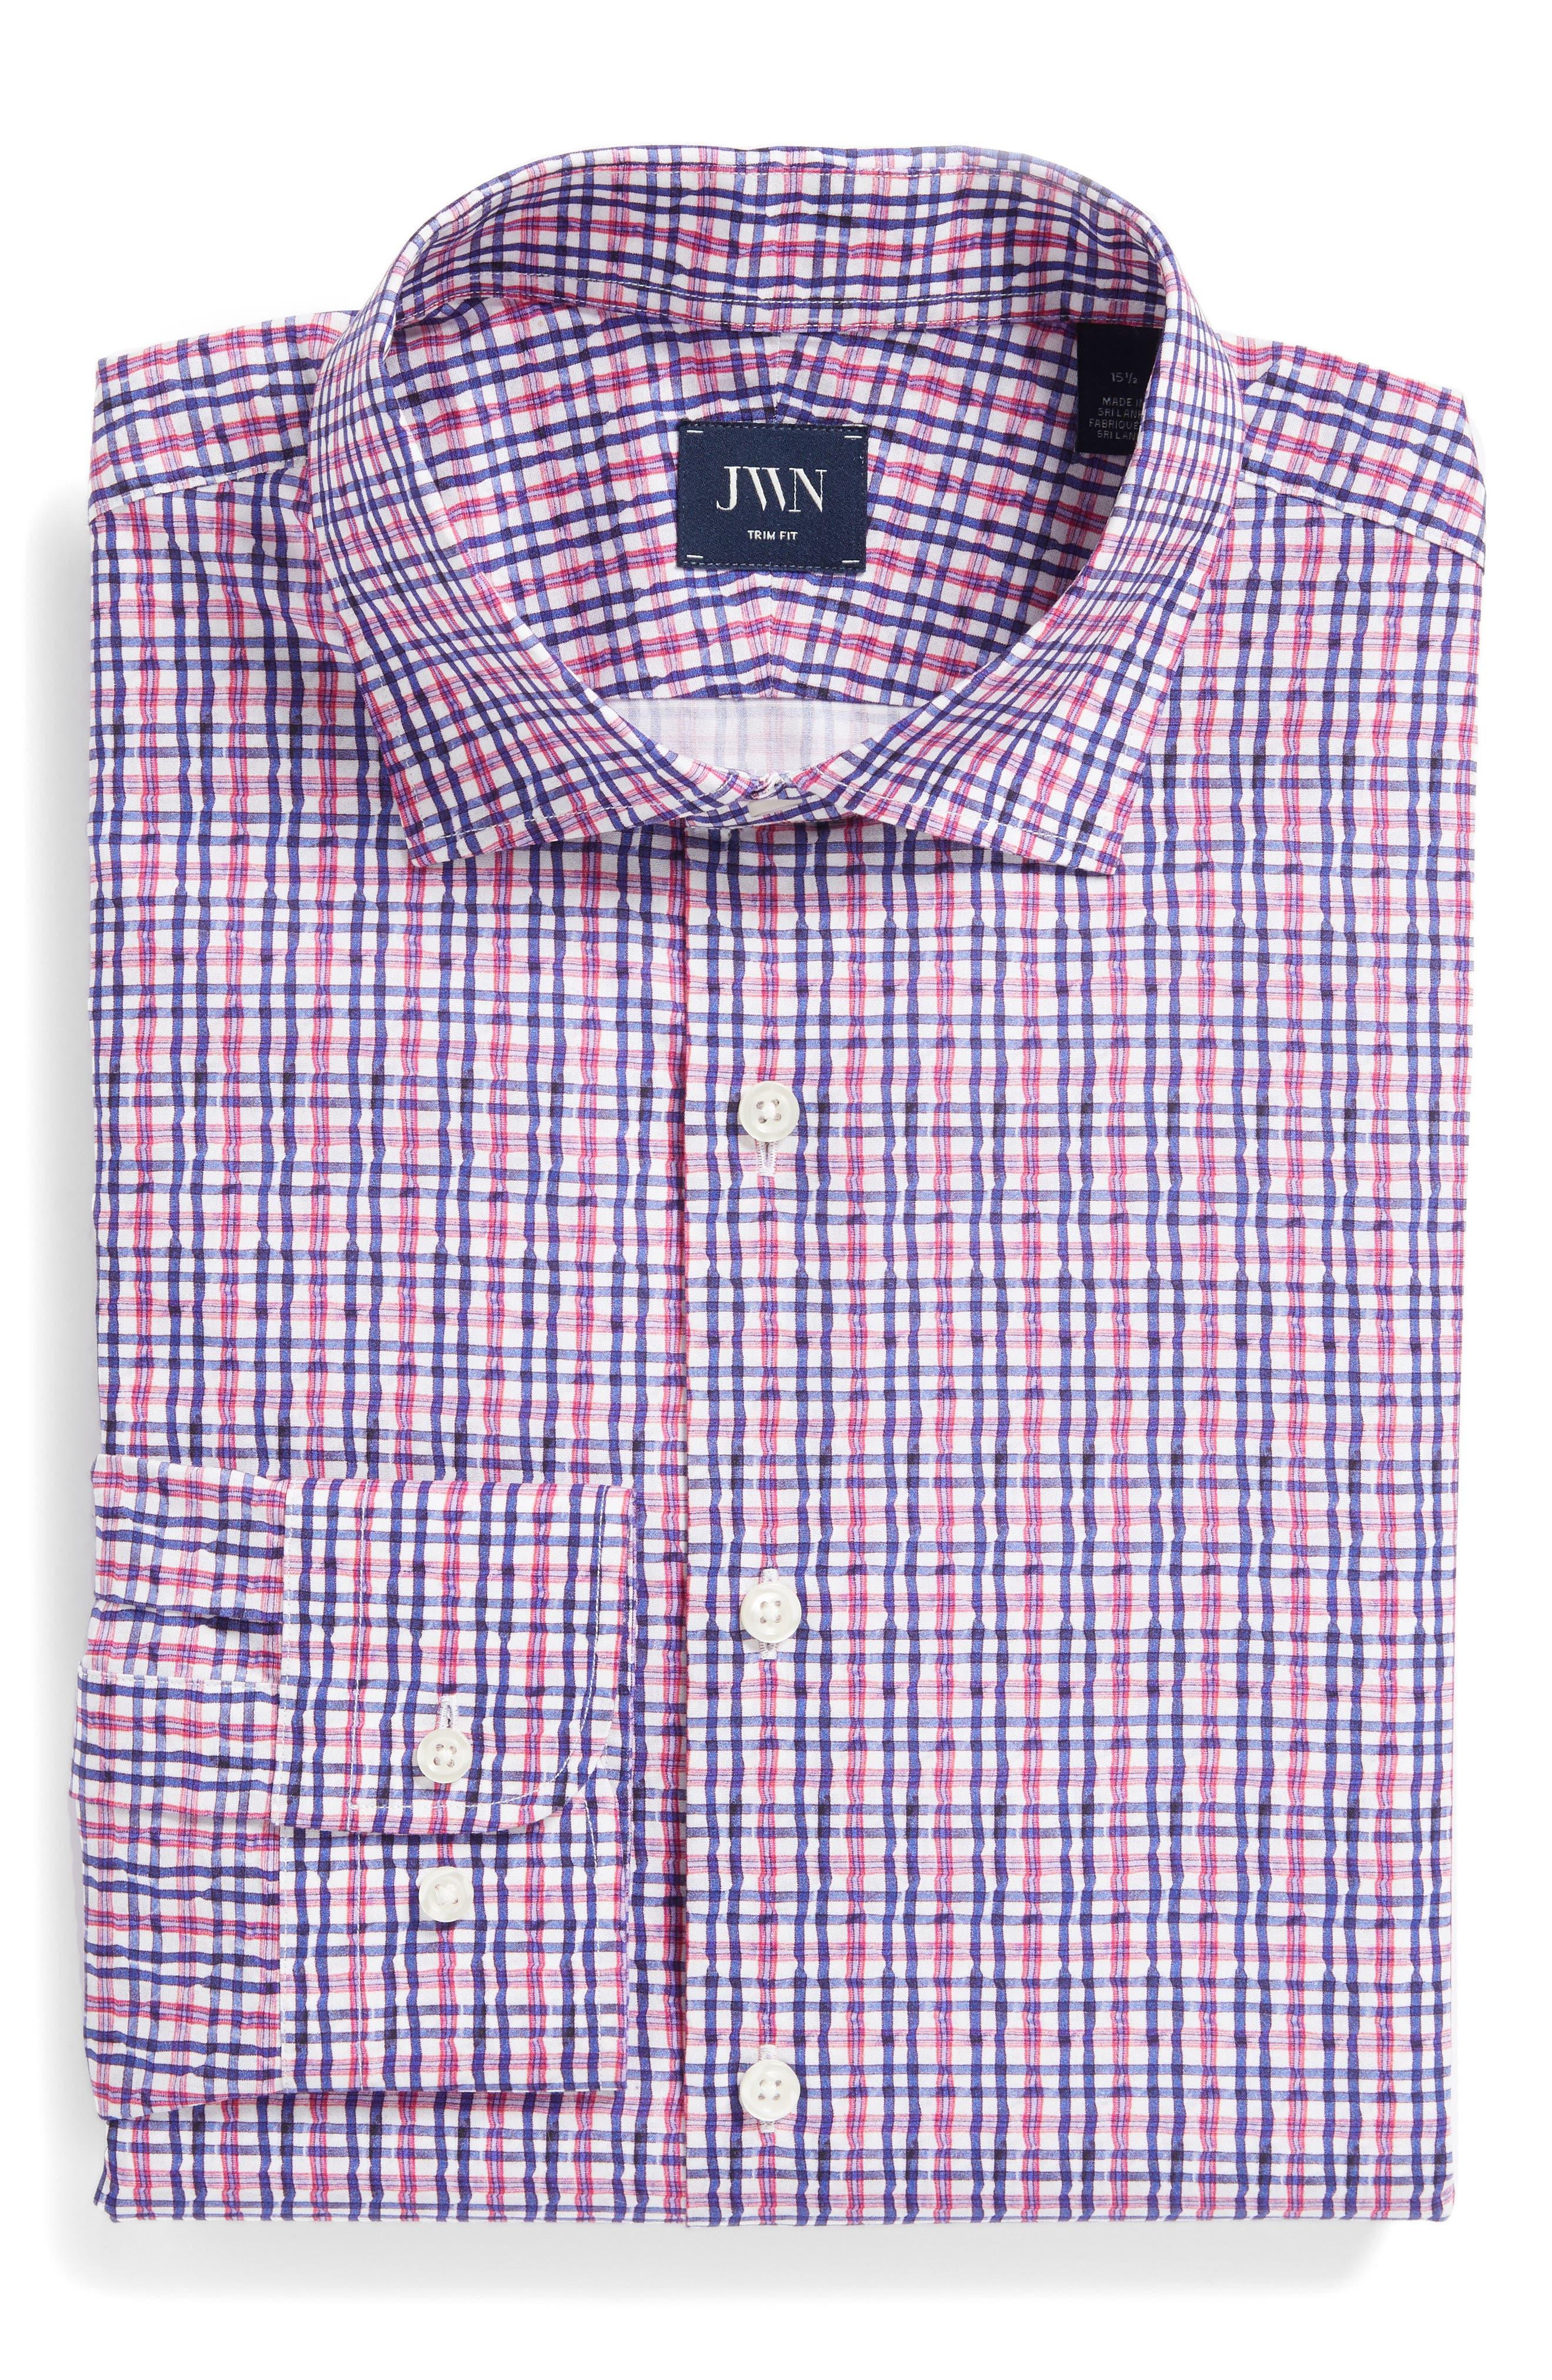 Trim Fit Plaid Dress Shirt,                             Alternate thumbnail 5, color,                             660